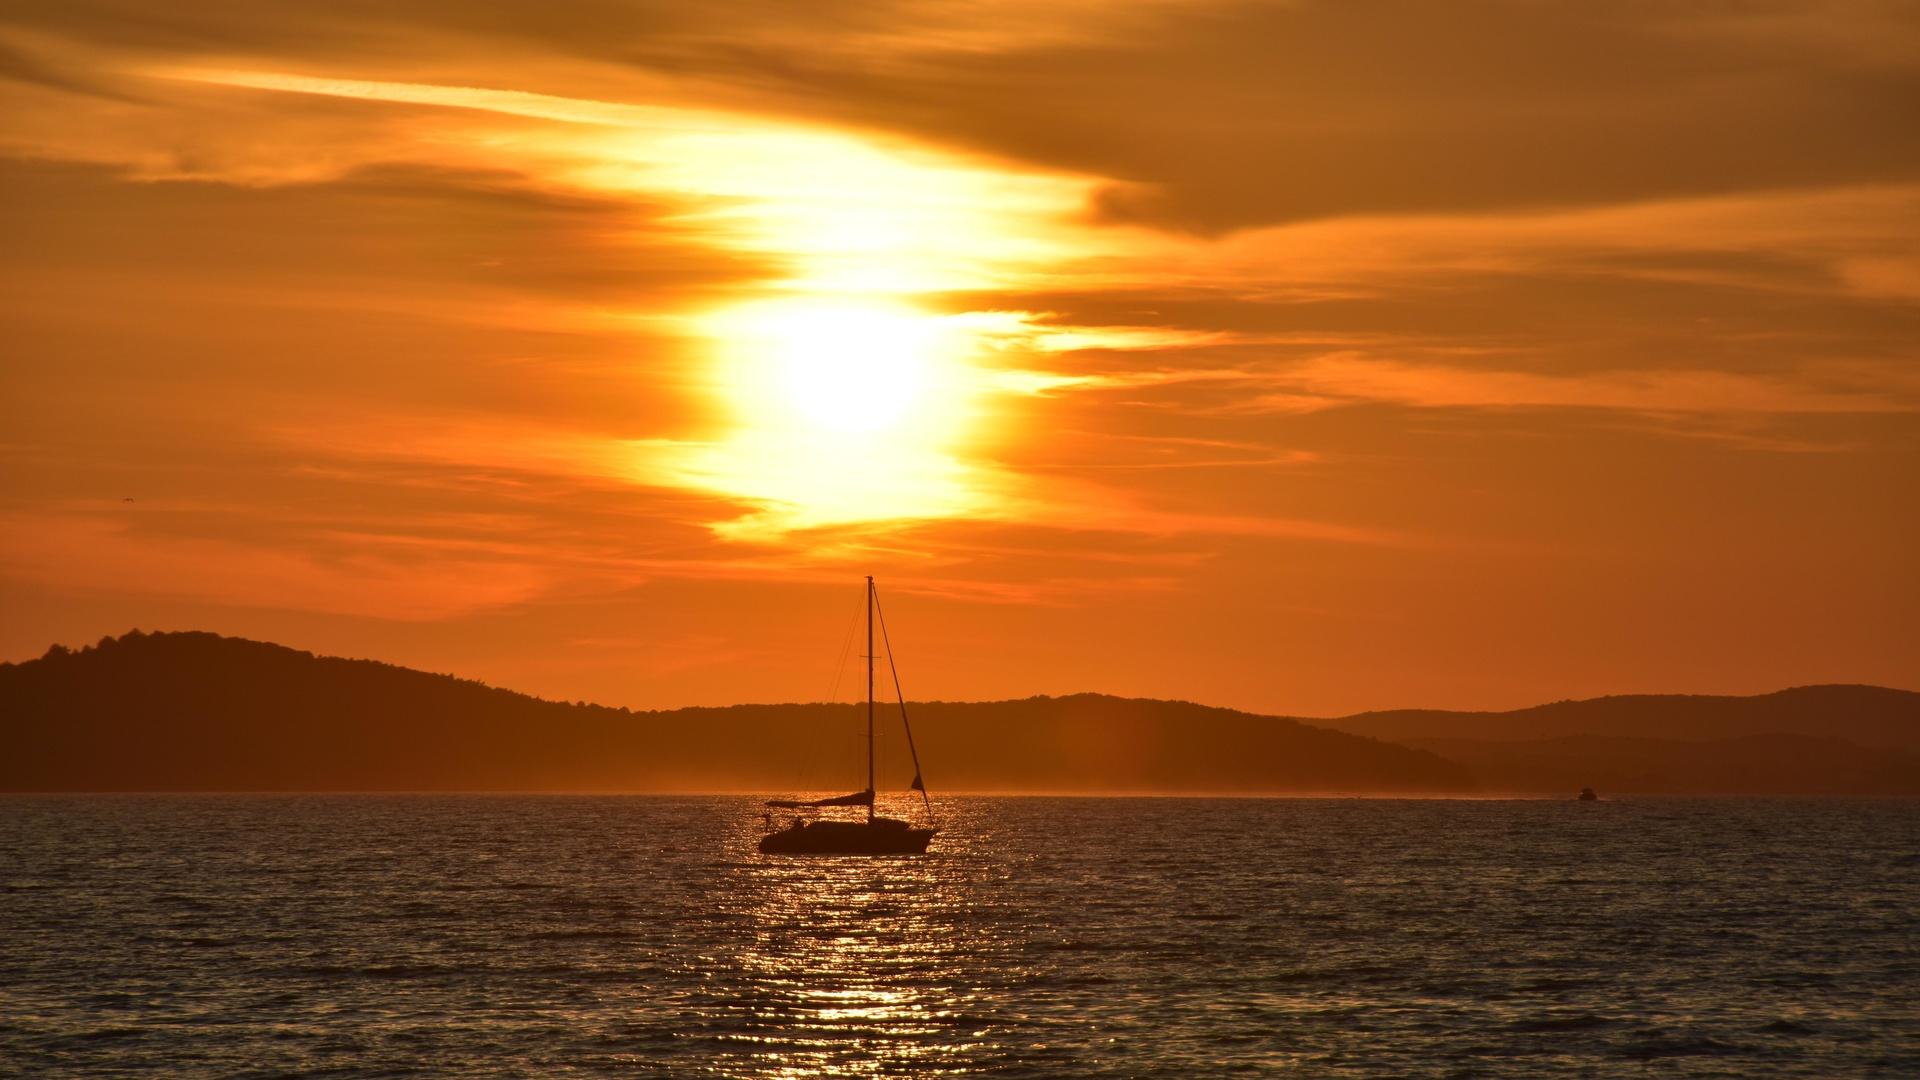 парусник, лодка, море, закат